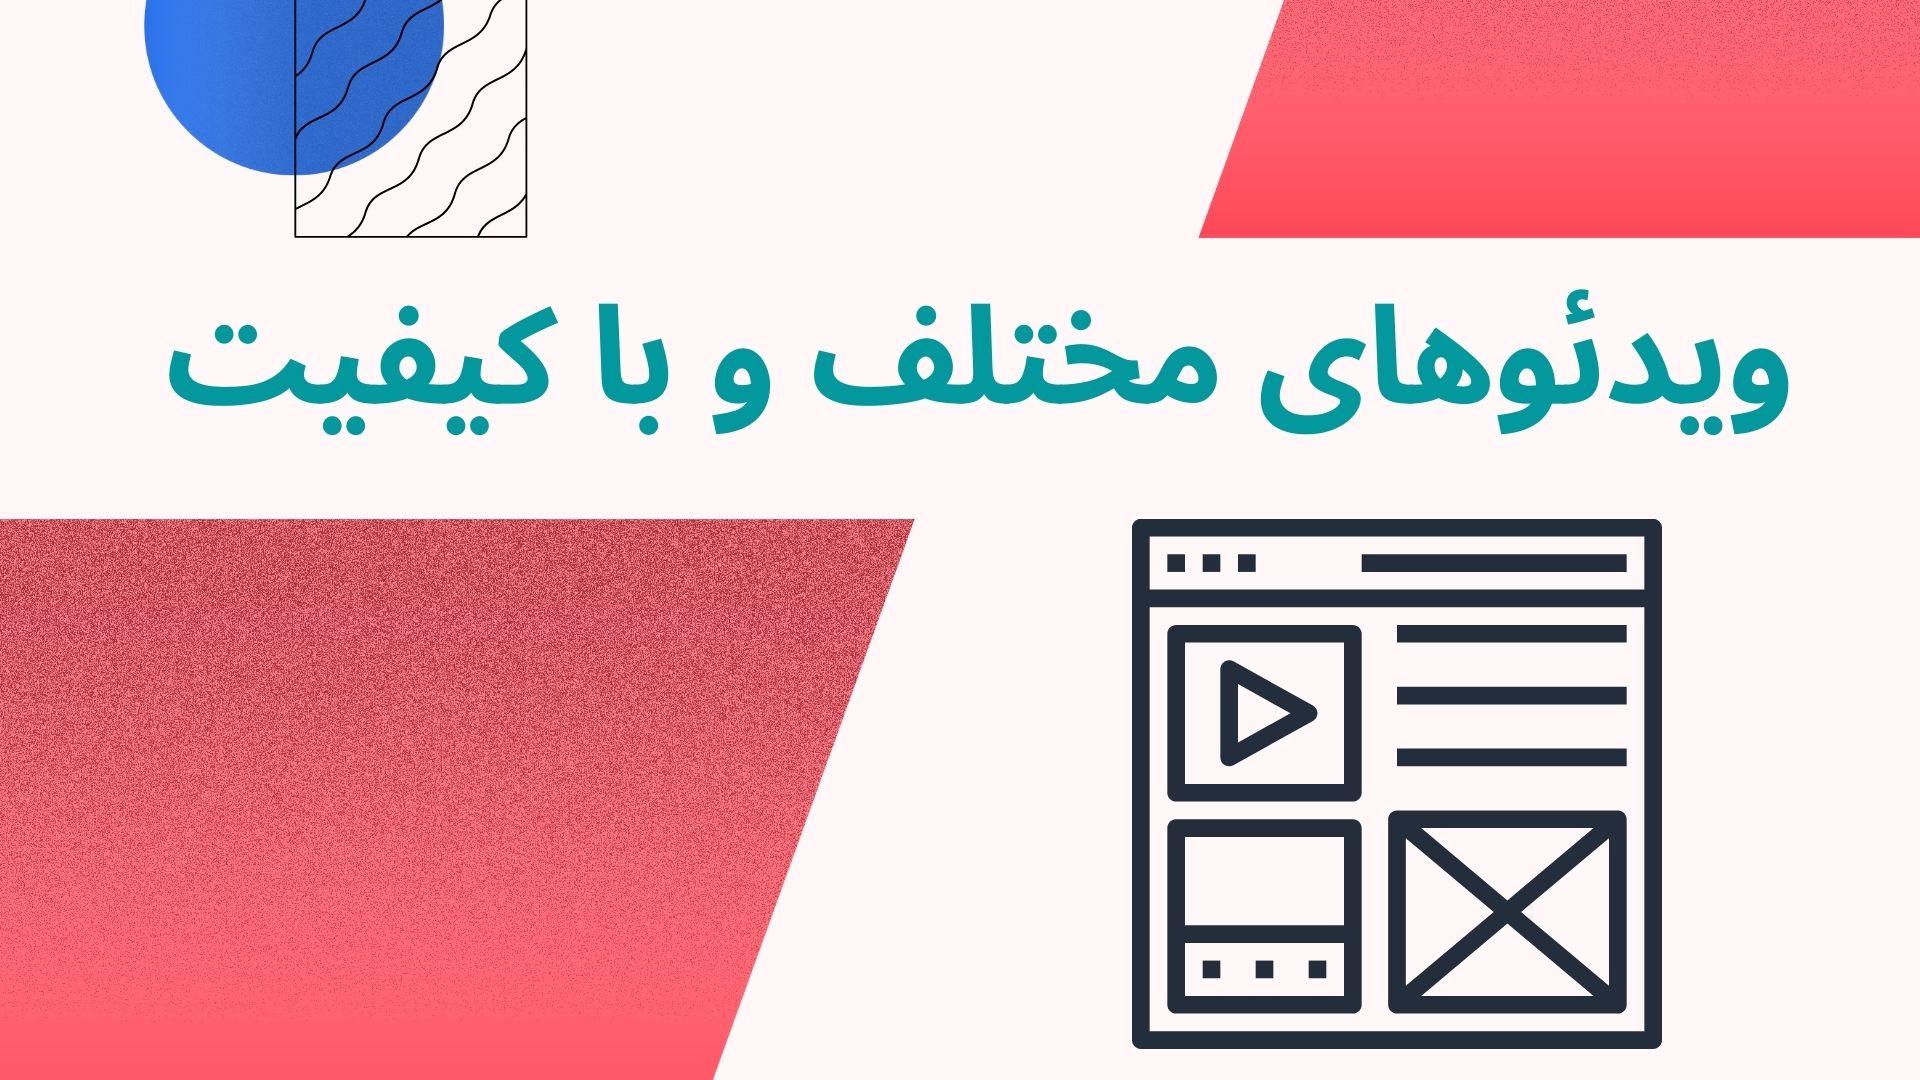 ویدئوهای مختلف و با کیفیت